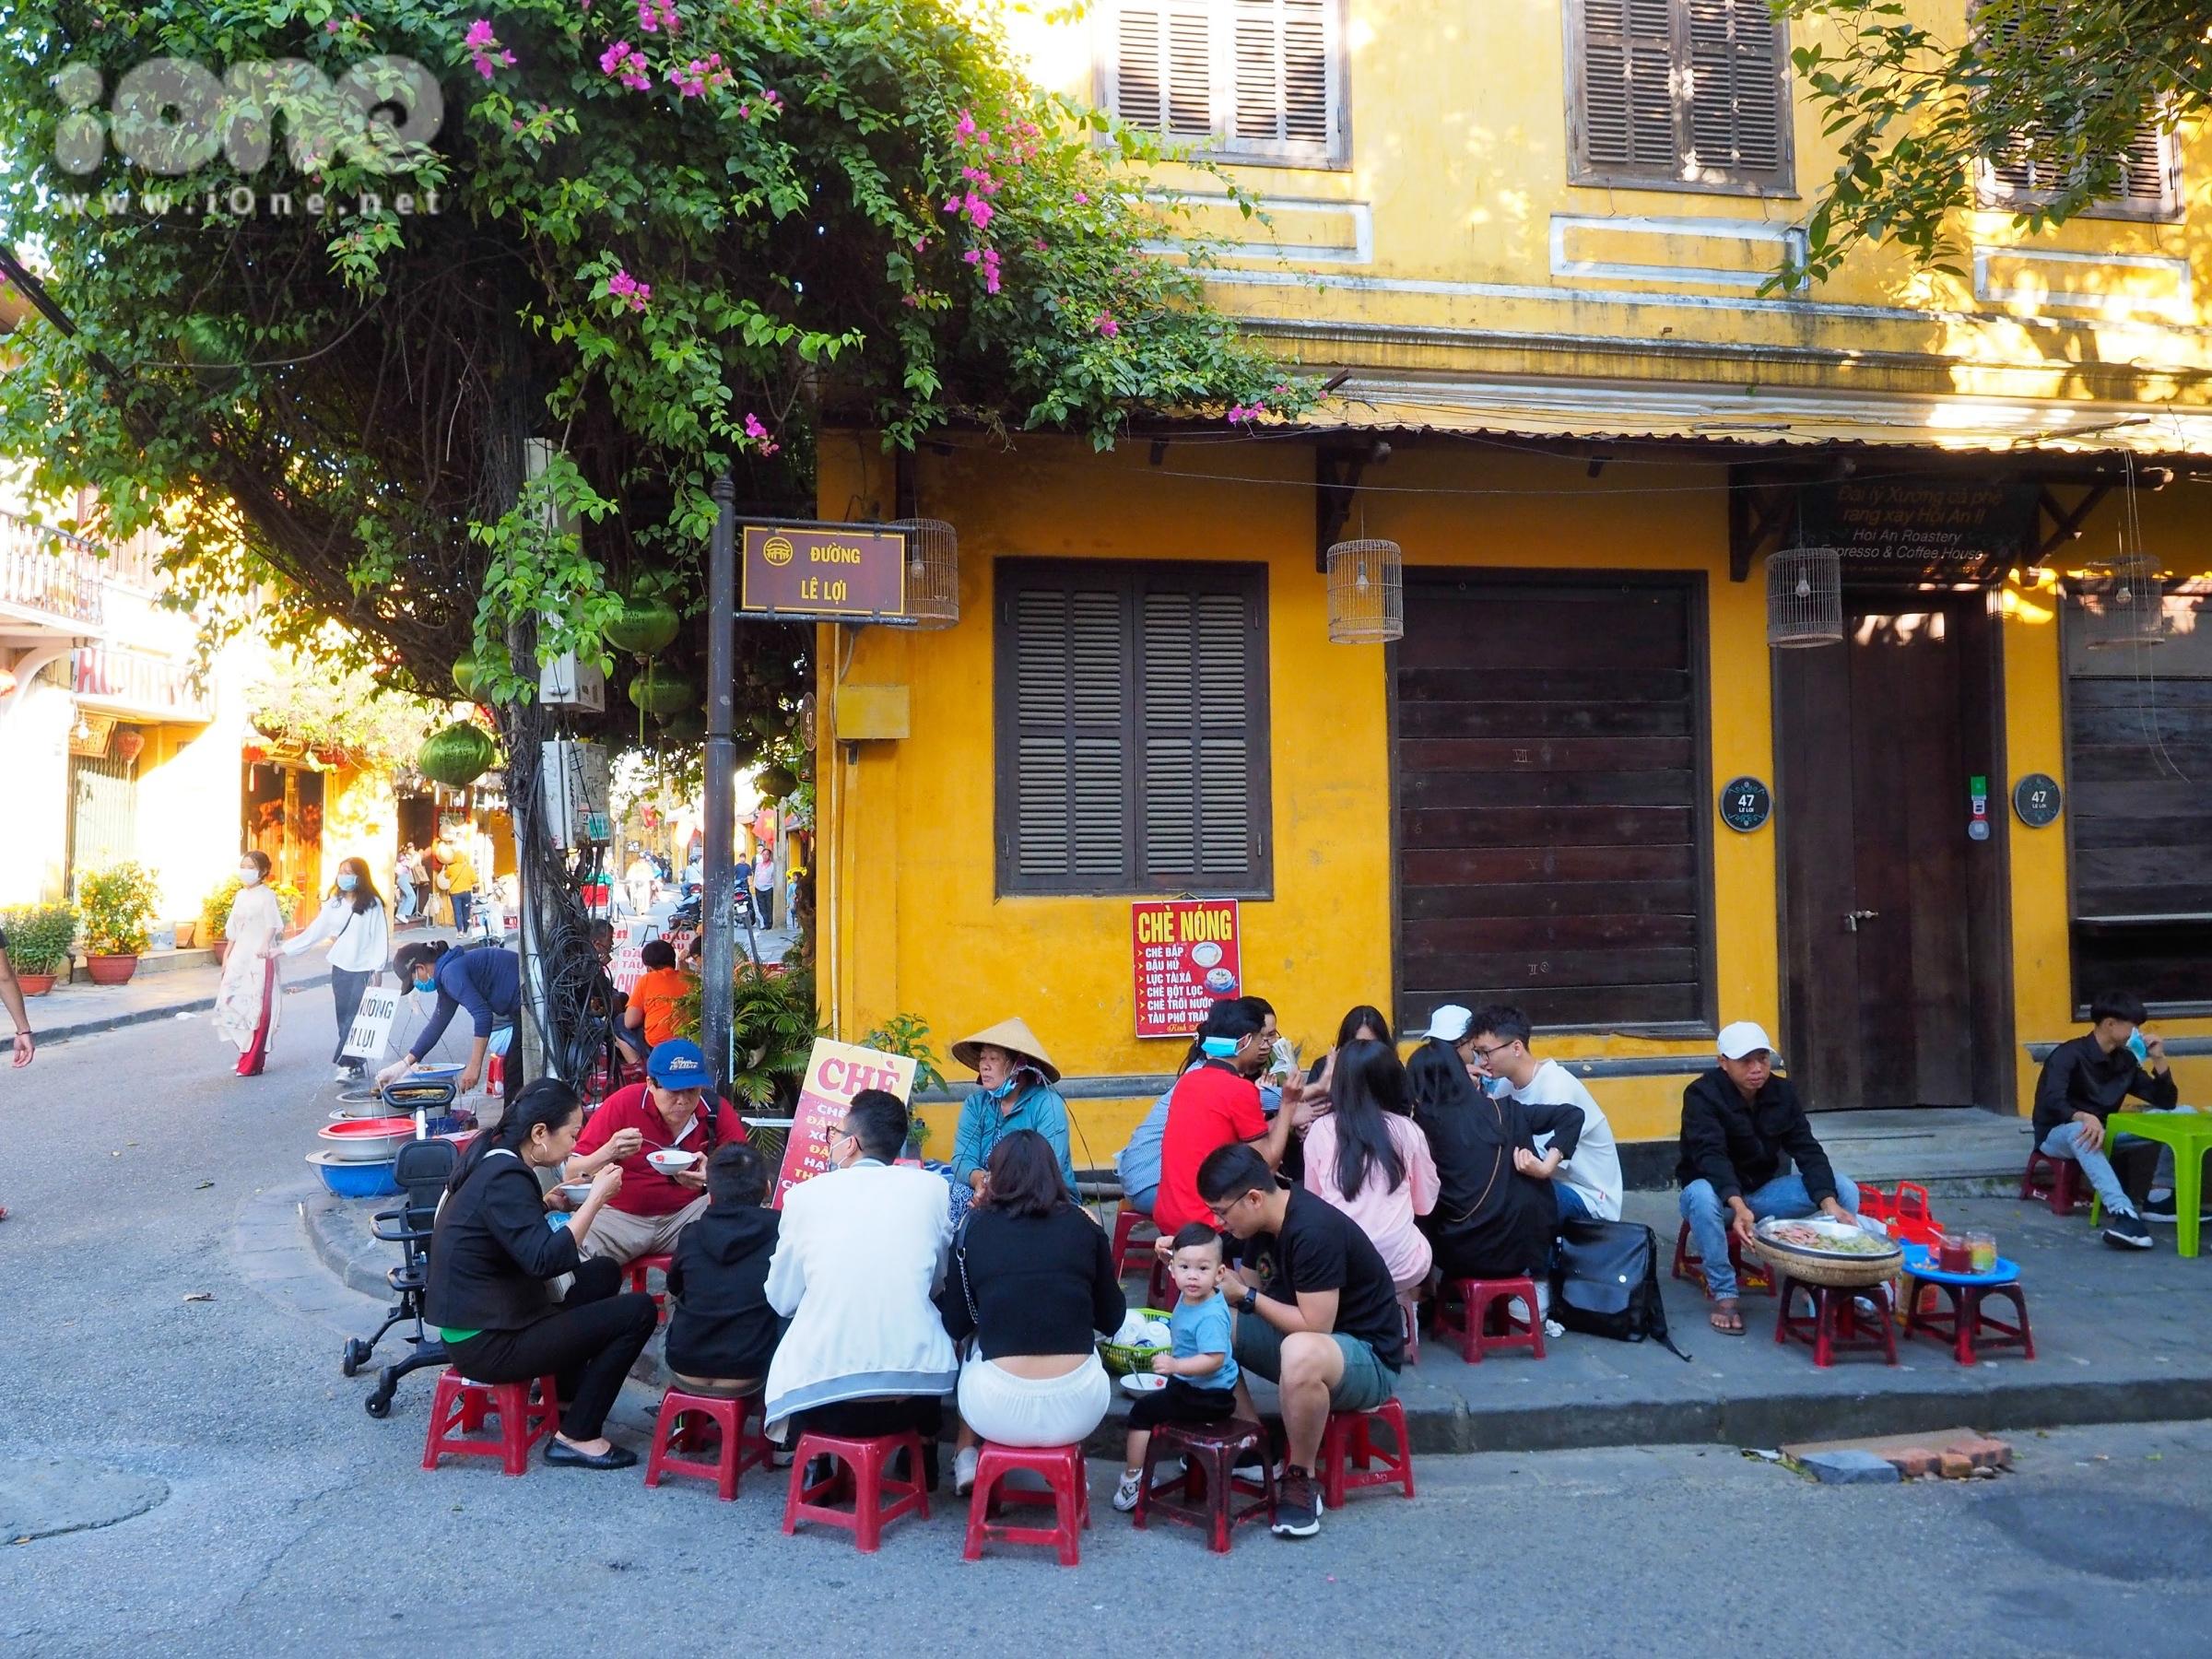 Các quán chè, quán nước cũng mở cửa đón khách trên phố Lê Lợi.